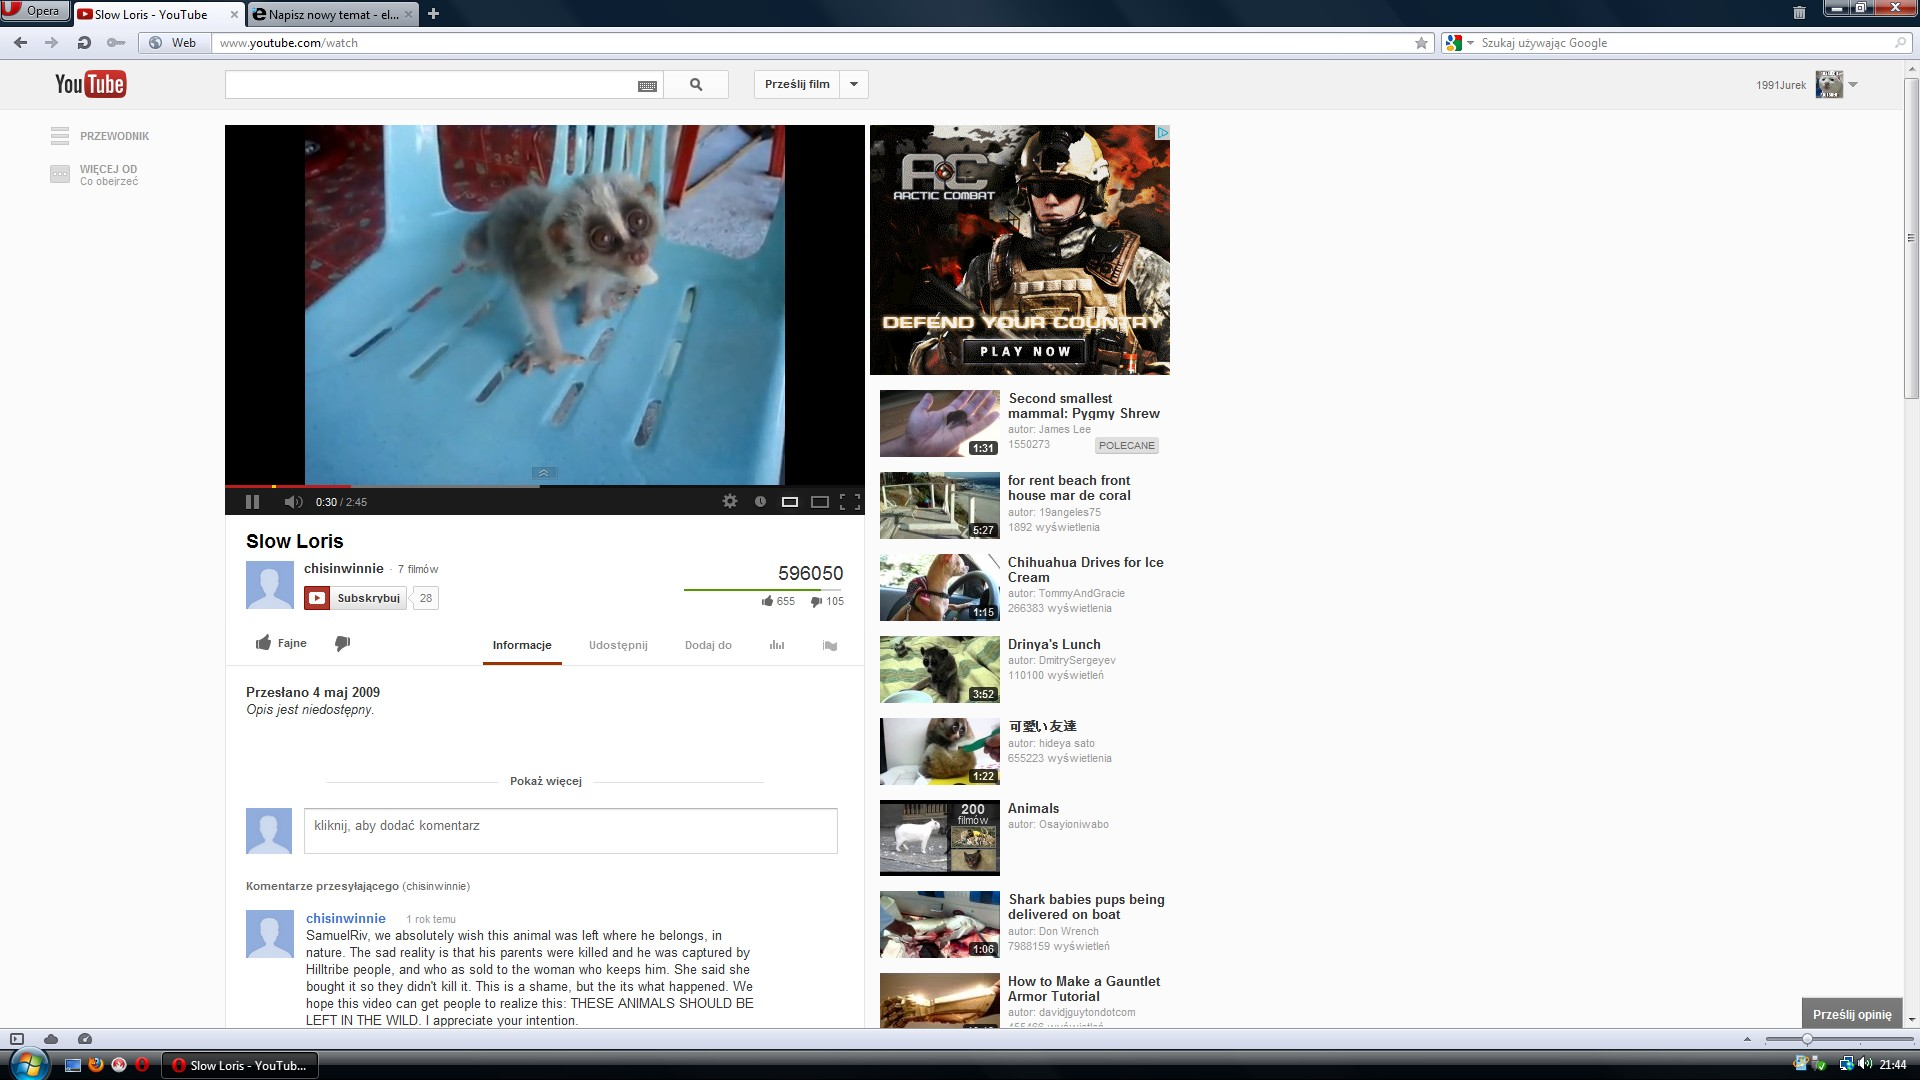 YouTube - Dziwny wygl�d strony